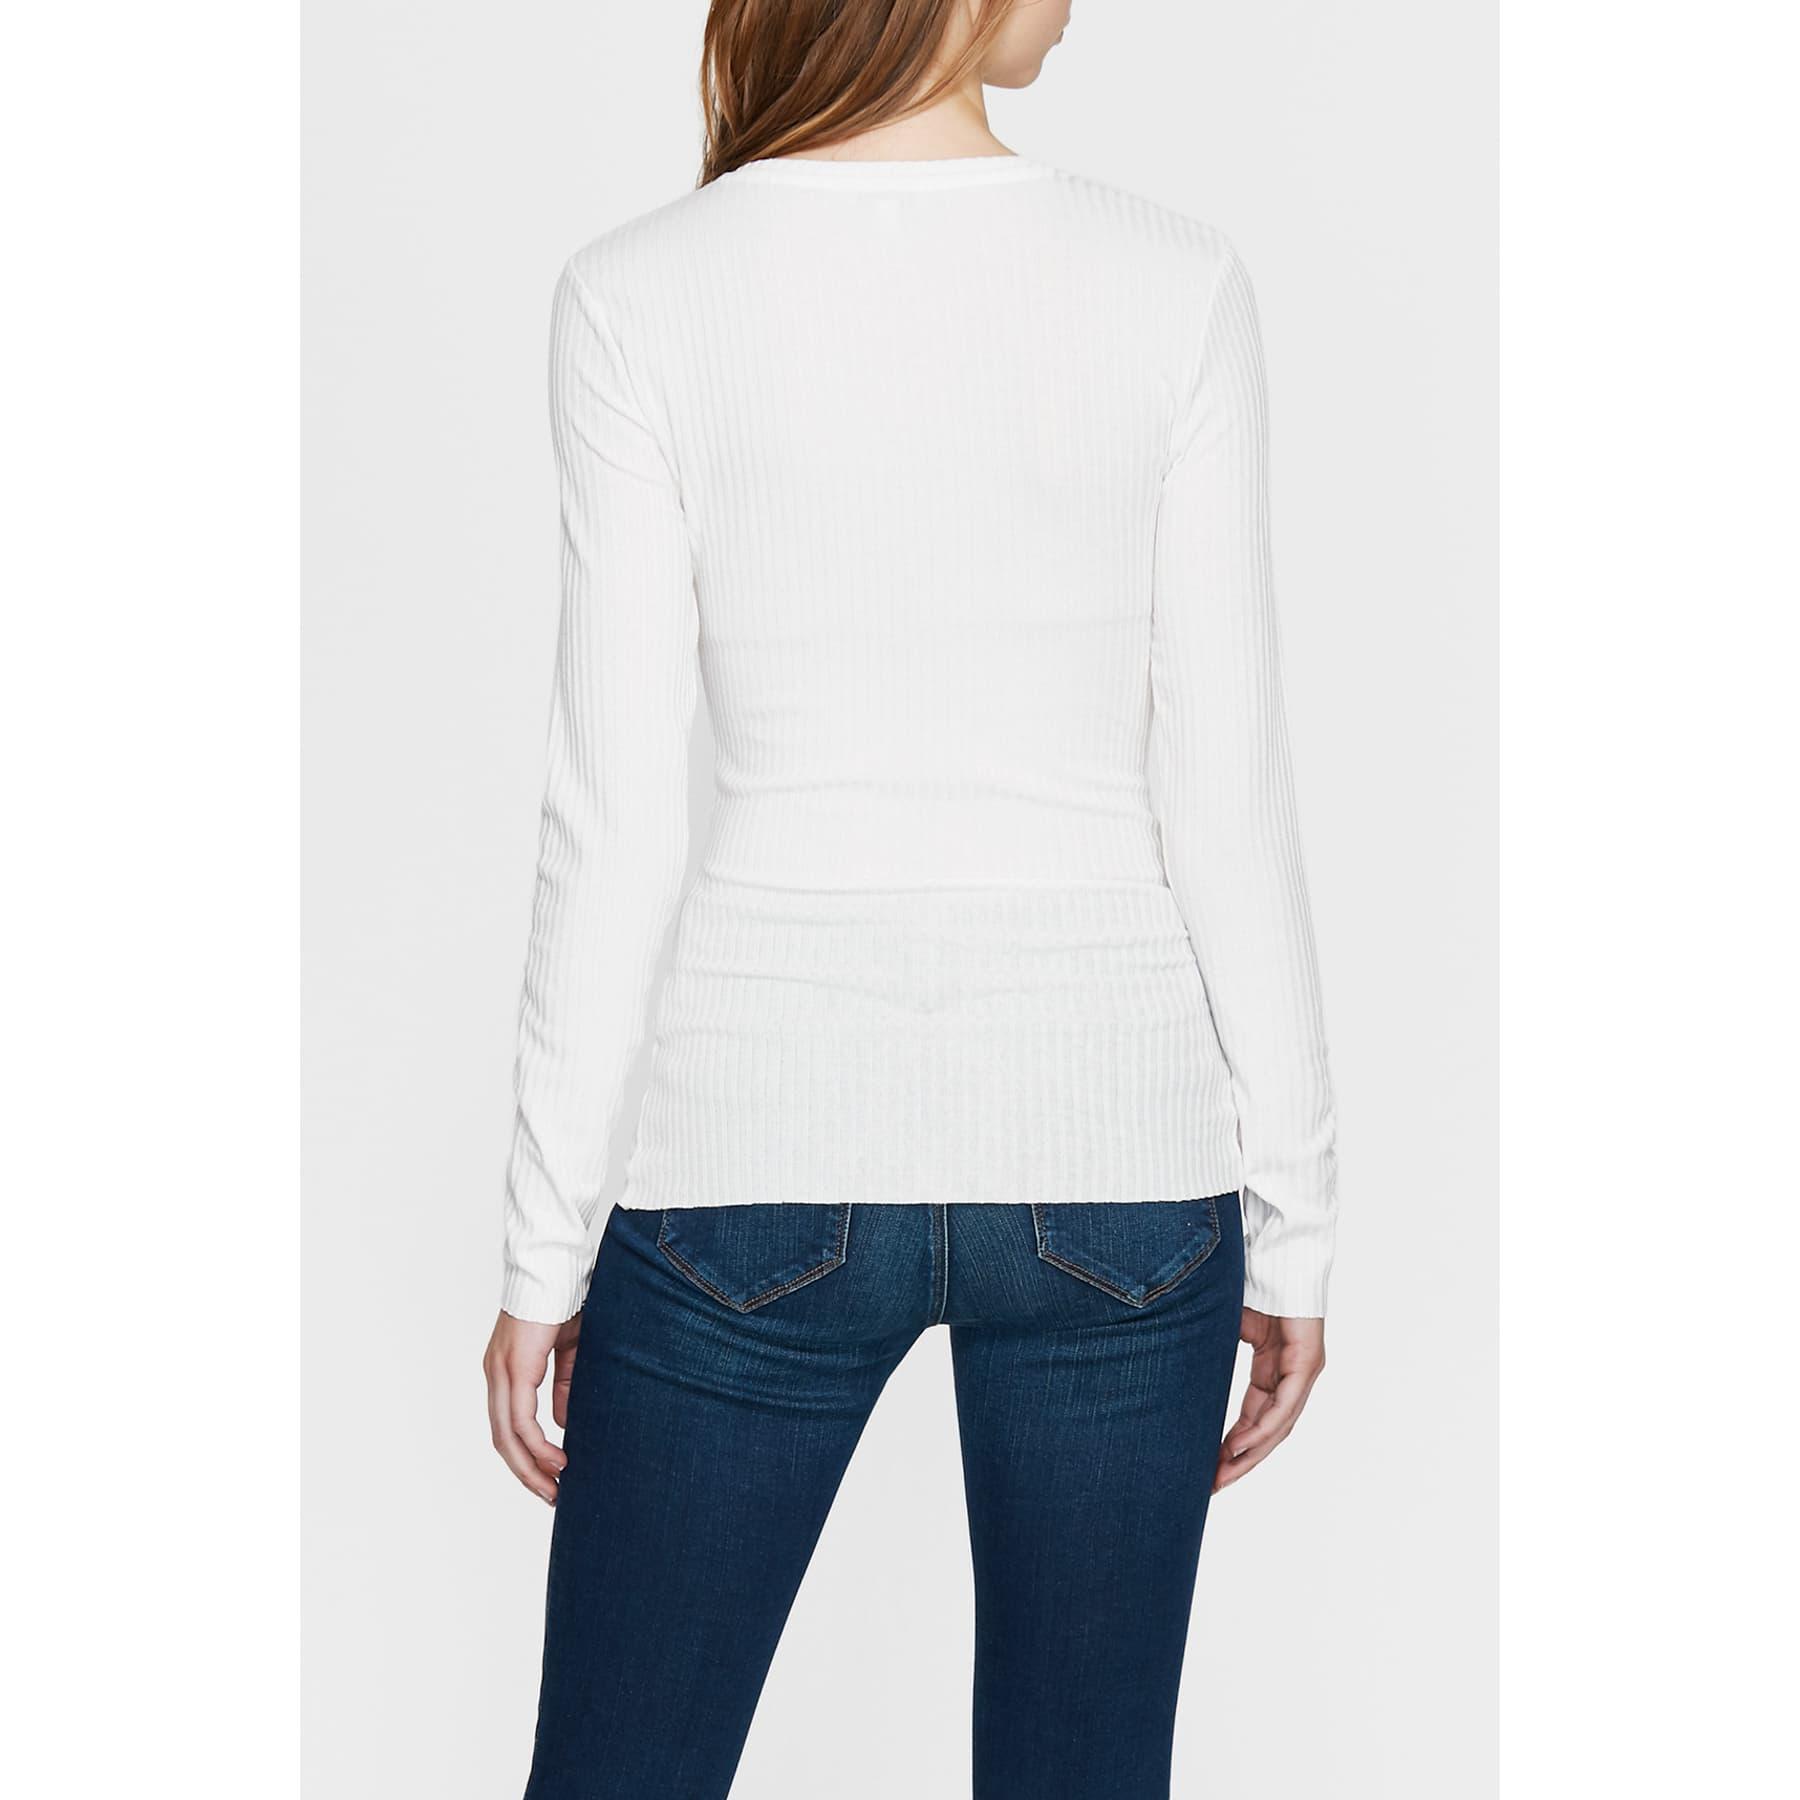 Mavi Jeans Kadın Çapraz Bağcıklı Beyaz Bluz